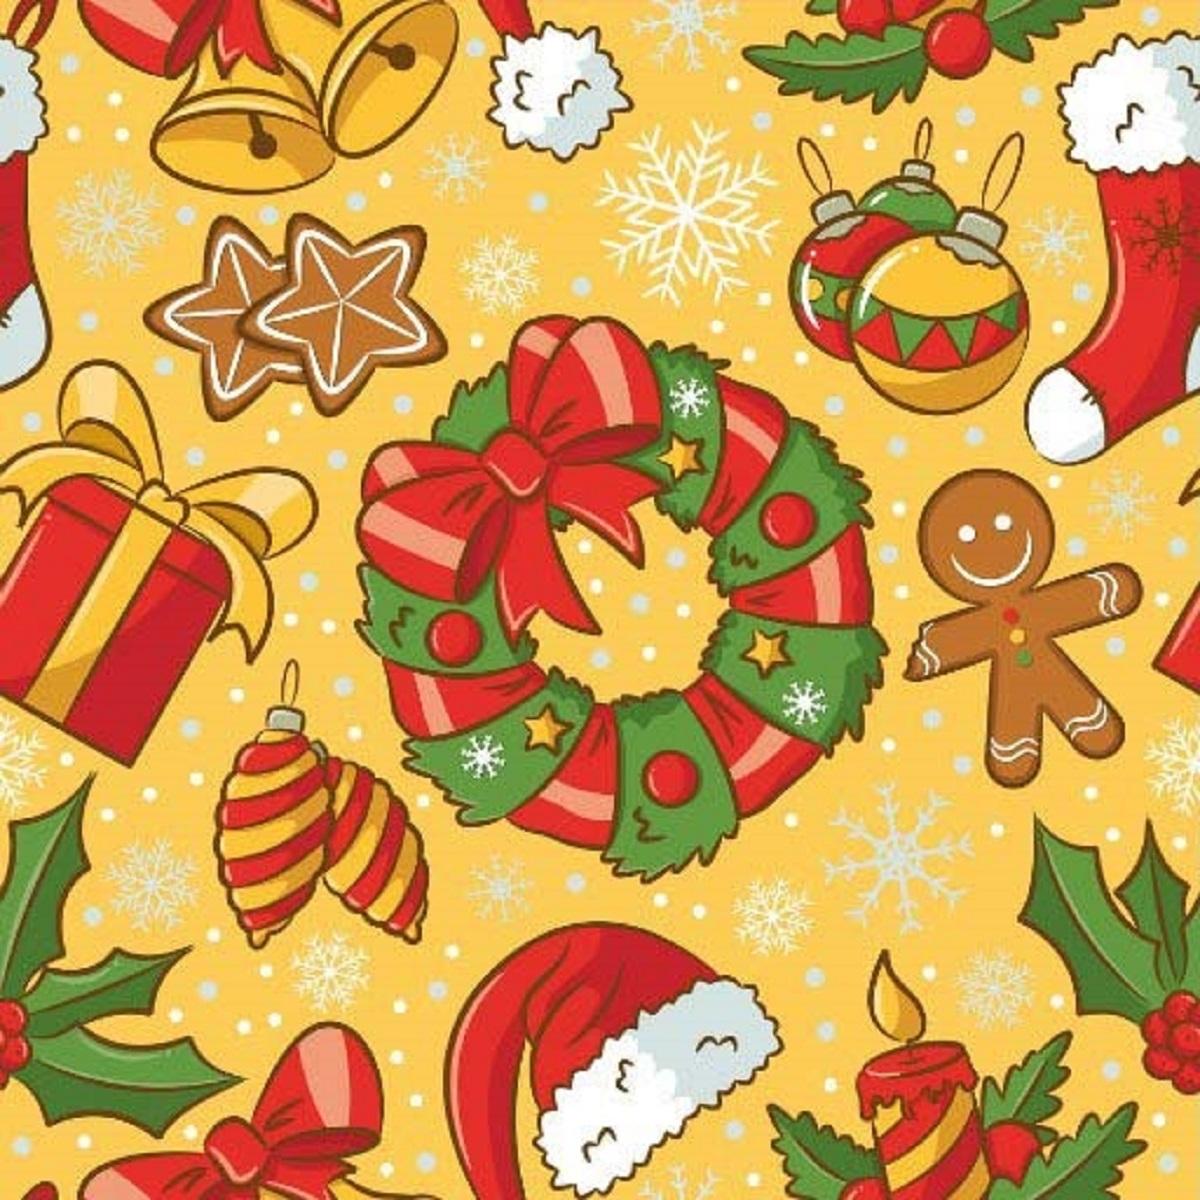 Салфетки бумажные Gratias Рождество, цвет: желтый, трехслойные, 33 х 33 см, 20 шт92223Для бытового и санитарно-гигиенического назначения одноразового использования.